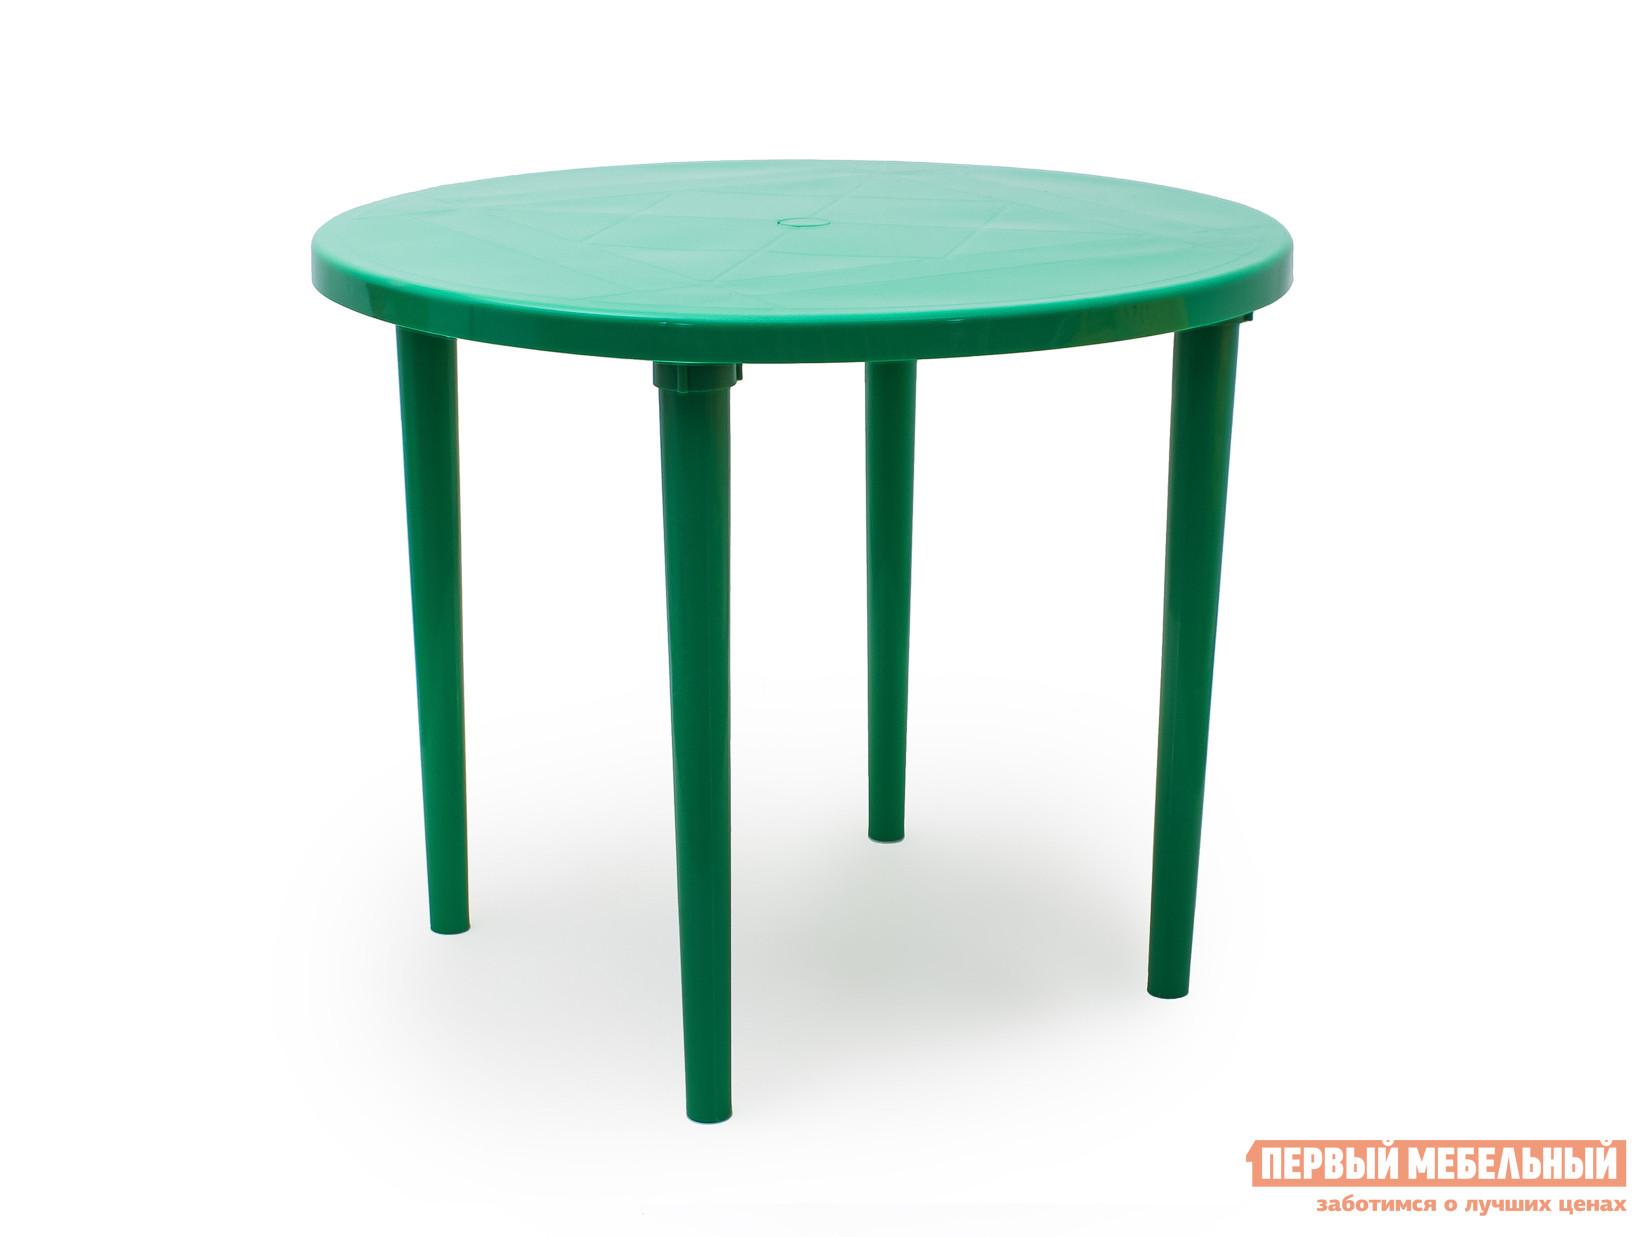 Пластиковый стол Стандарт Пластик Стол круглый, д. 900 мм ЗеленыйПластиковые столы<br>Габаритные размеры ВхШхГ 710x900x900 мм. Пластиковый круглый стол д.  900 мм Рикул совершенно незаменим на даче или в летнем кафе.  Ведь пластик является наиболее практичным материалом для использования на свежем воздухе.  Он легкий, прочный, не боится воды и грязи, температурных перепадов. Широкая круглая столешница создаст удобные условия для обеда всей семьей на террасе или в саду.  В центре есть отверстие для зонта, с которым ваше пребывание даже в солнечный полдень станет комфортным.<br><br>Цвет: Зеленый<br>Высота мм: 710<br>Ширина мм: 900<br>Глубина мм: 900<br>Кол-во упаковок: 1<br>Форма поставки: В разобранном виде<br>Срок гарантии: 1 год<br>Форма: Круглые<br>Размер: Большие